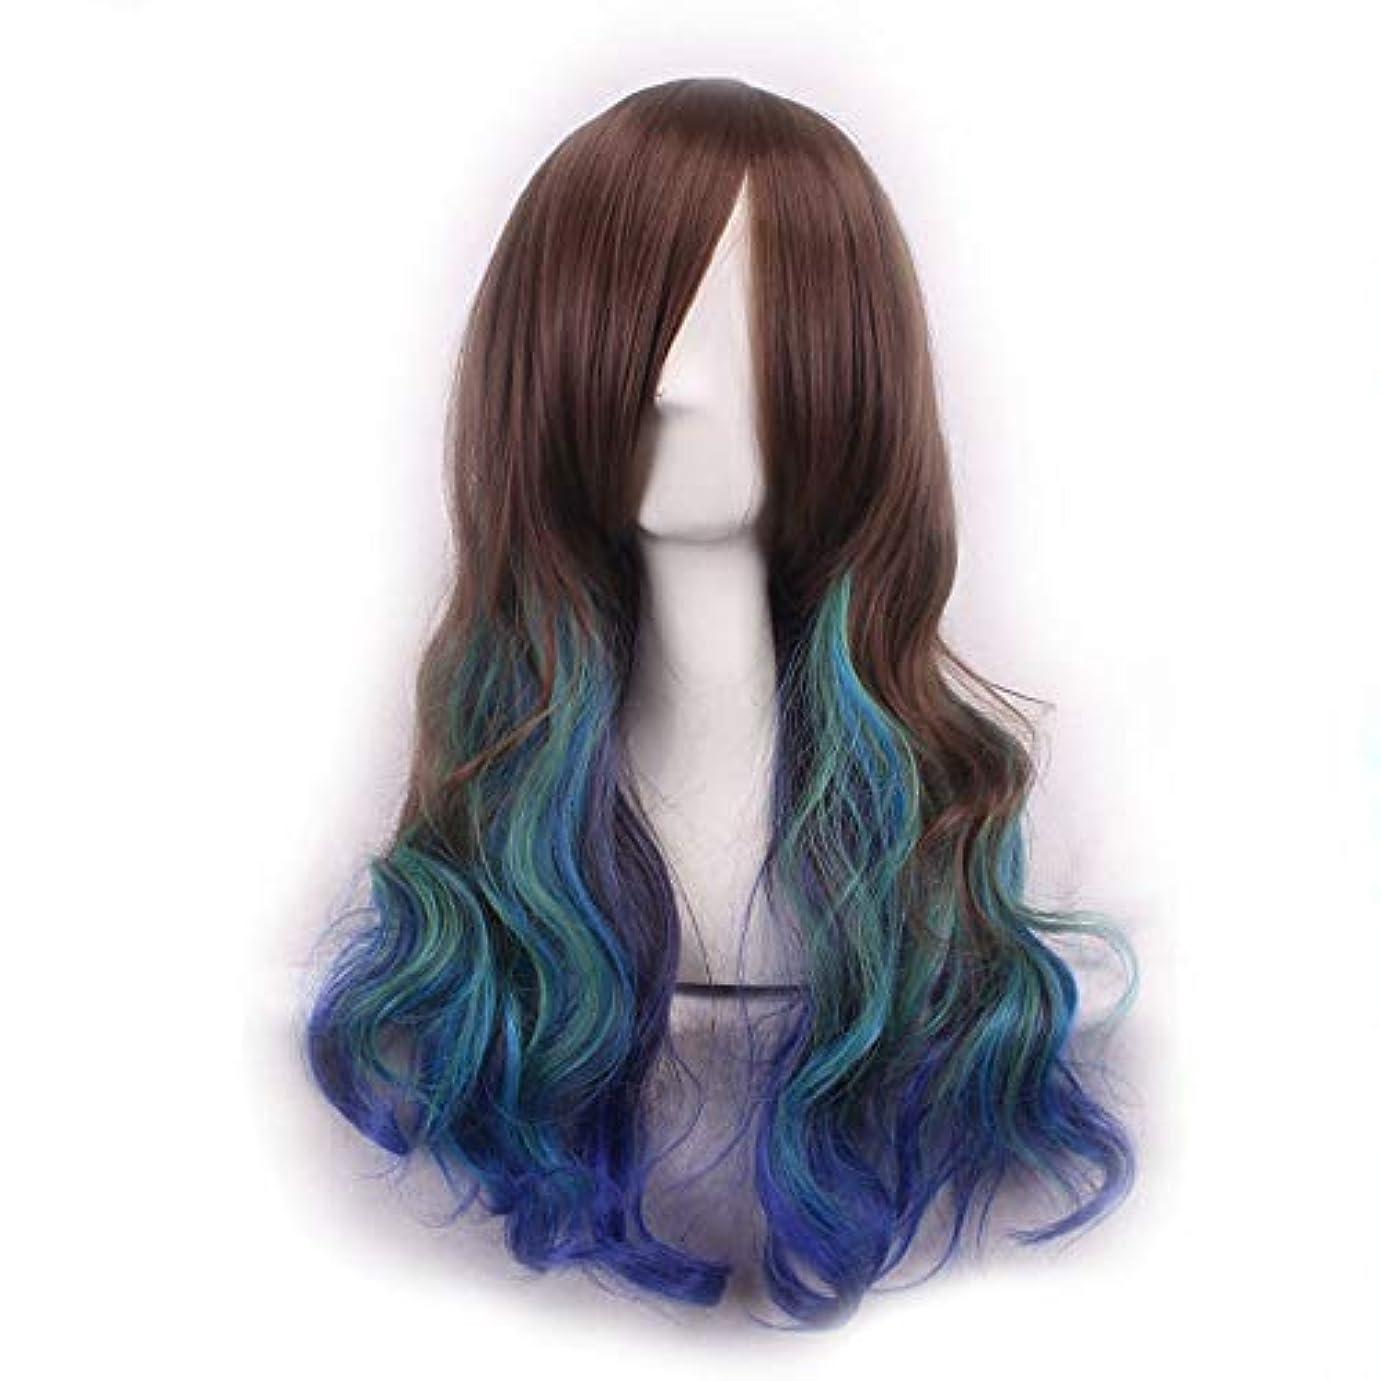 限られた人に関する限り信じるかつらキャップでかつらファンシードレスカールかつら女性用高品質合成毛髪コスプレ高密度かつら女性&女の子ブルー、レッド (Color : 青)